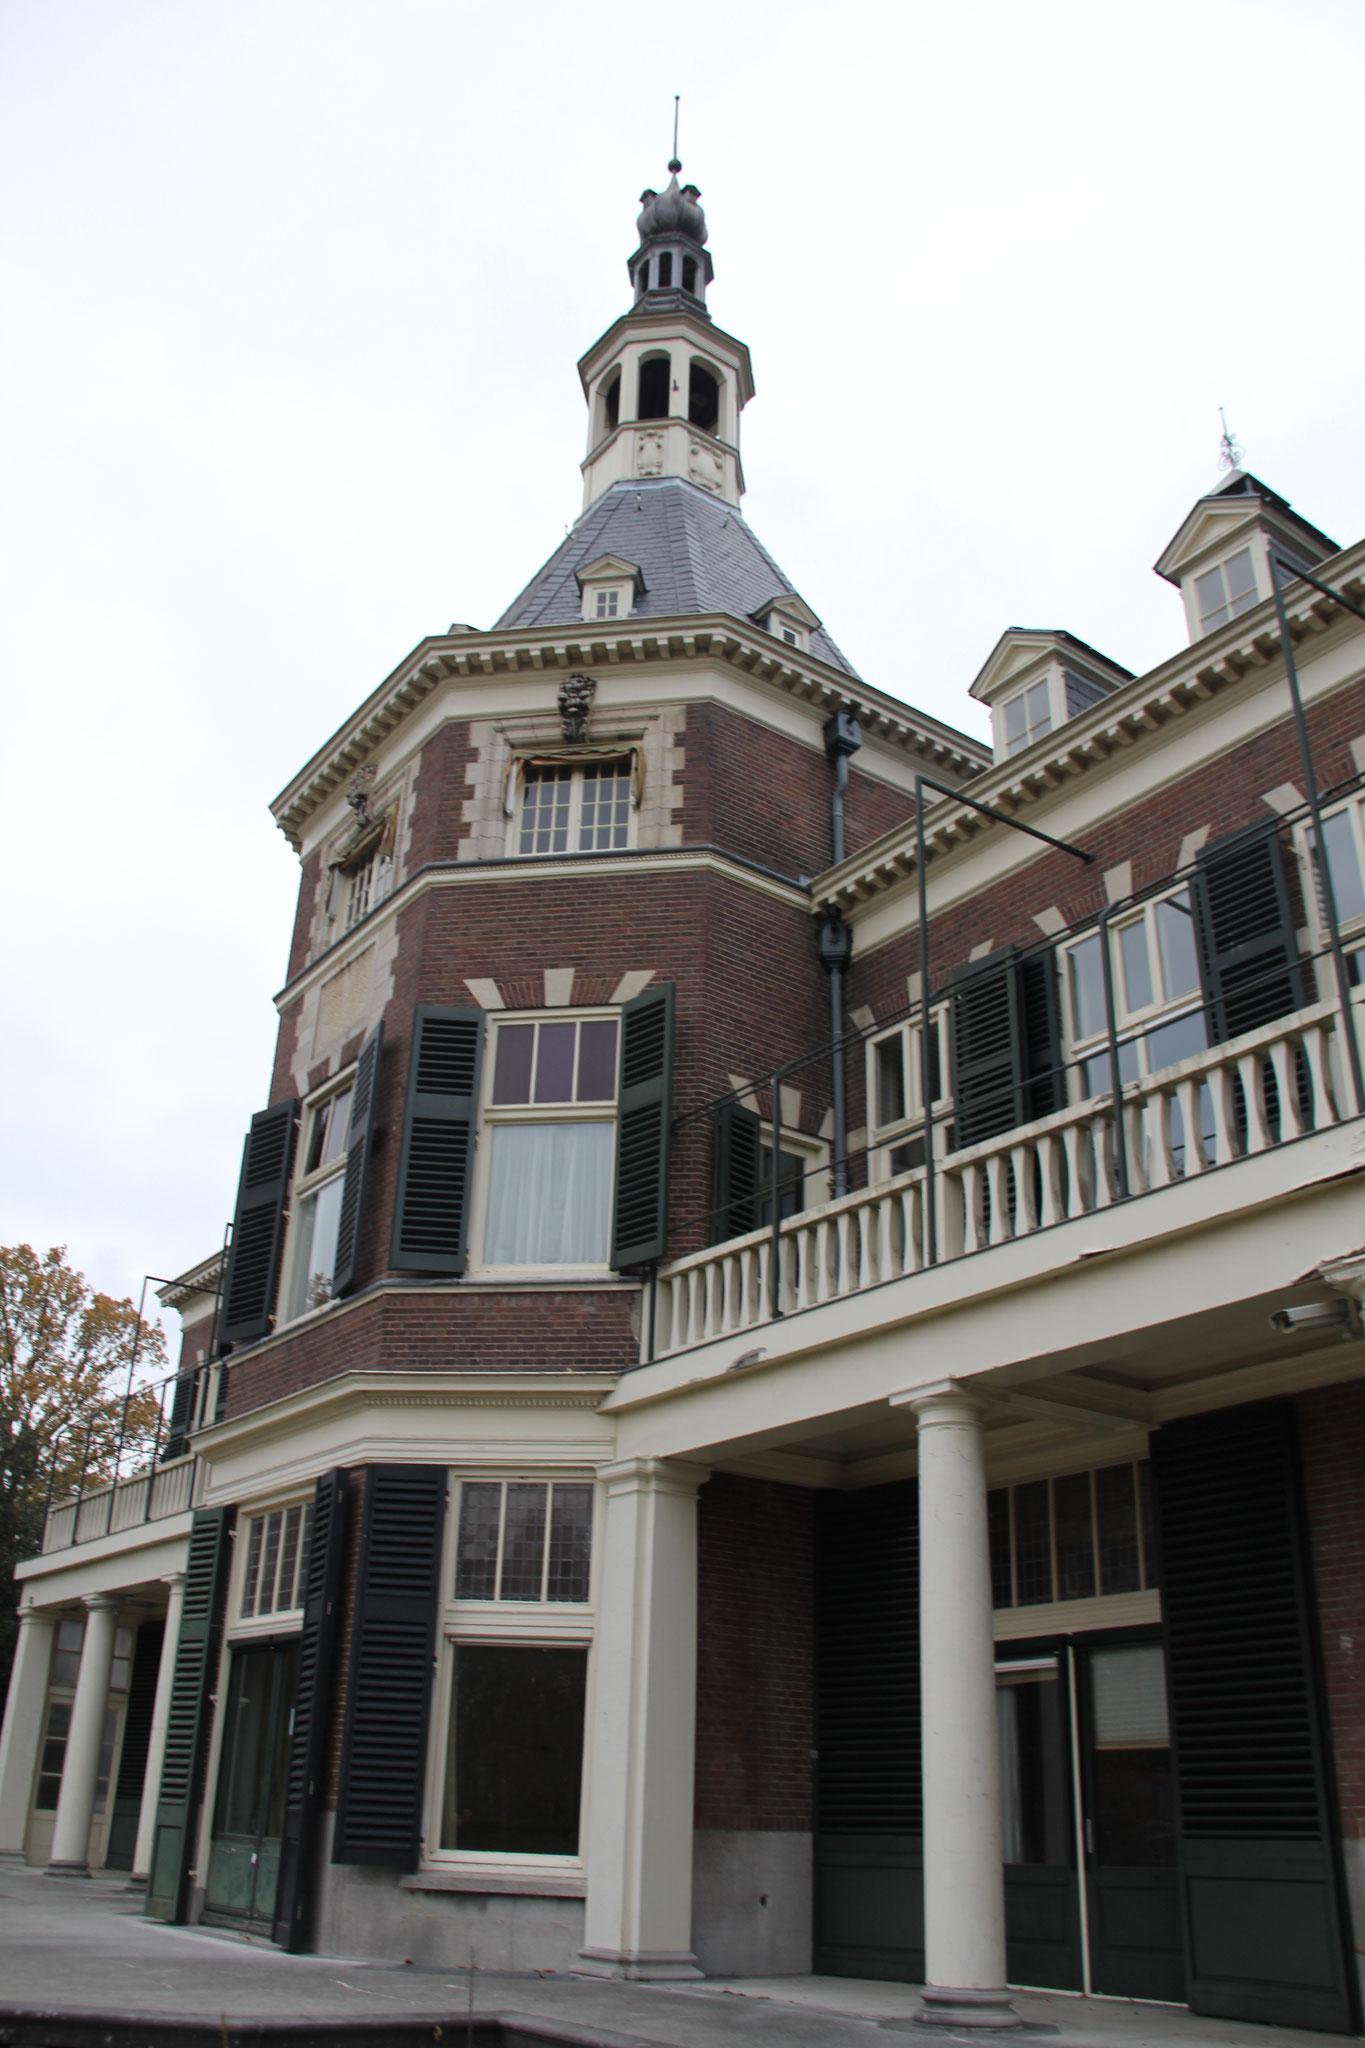 Zuidgevel landhuis Veldheim met aan weerszijde van het tot toren verhoogde middenrisaliet veranda's en balkons